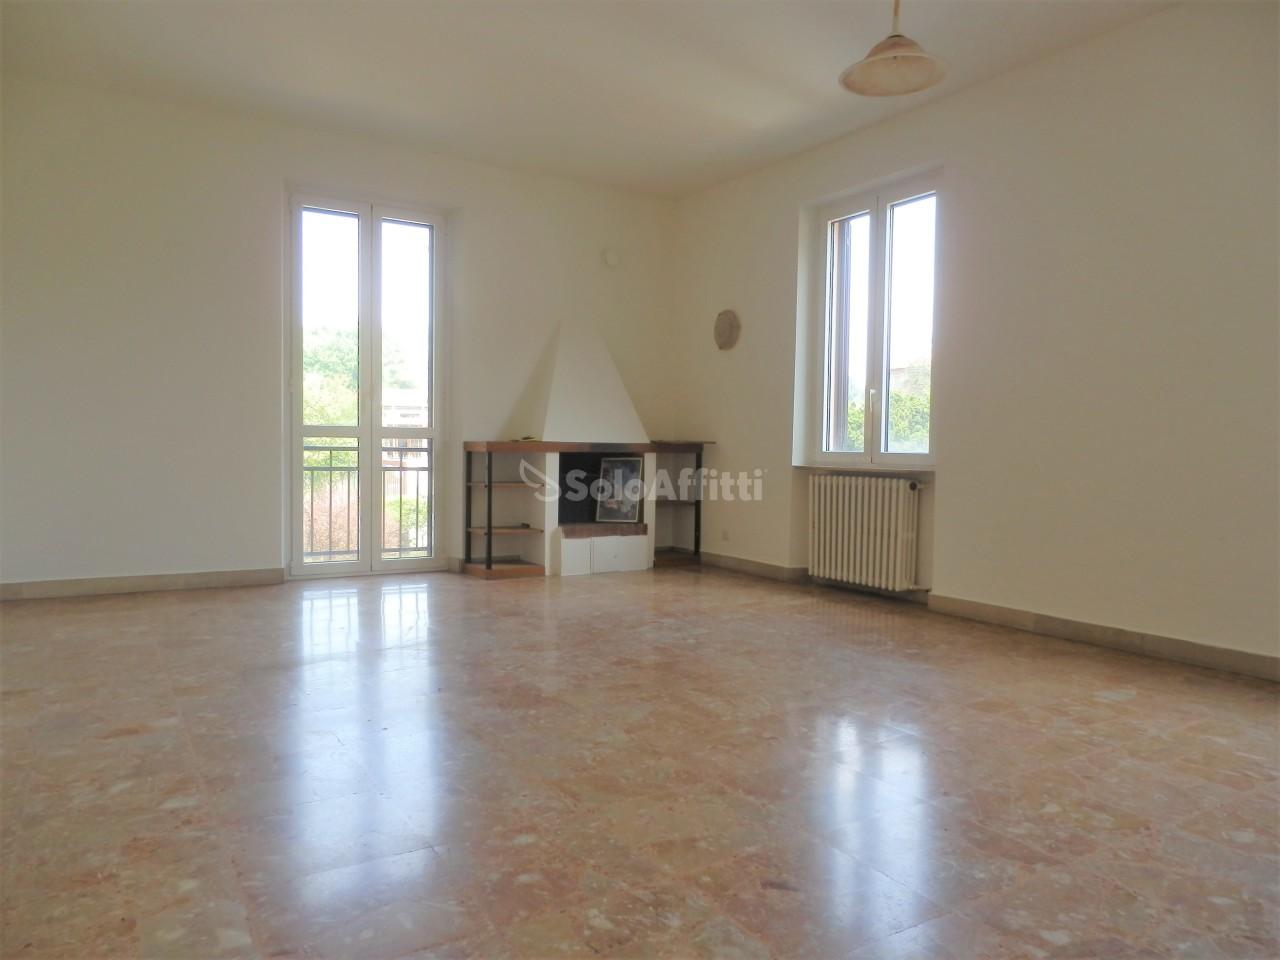 Appartamento in affitto a Valmorea, 3 locali, prezzo € 650 | PortaleAgenzieImmobiliari.it